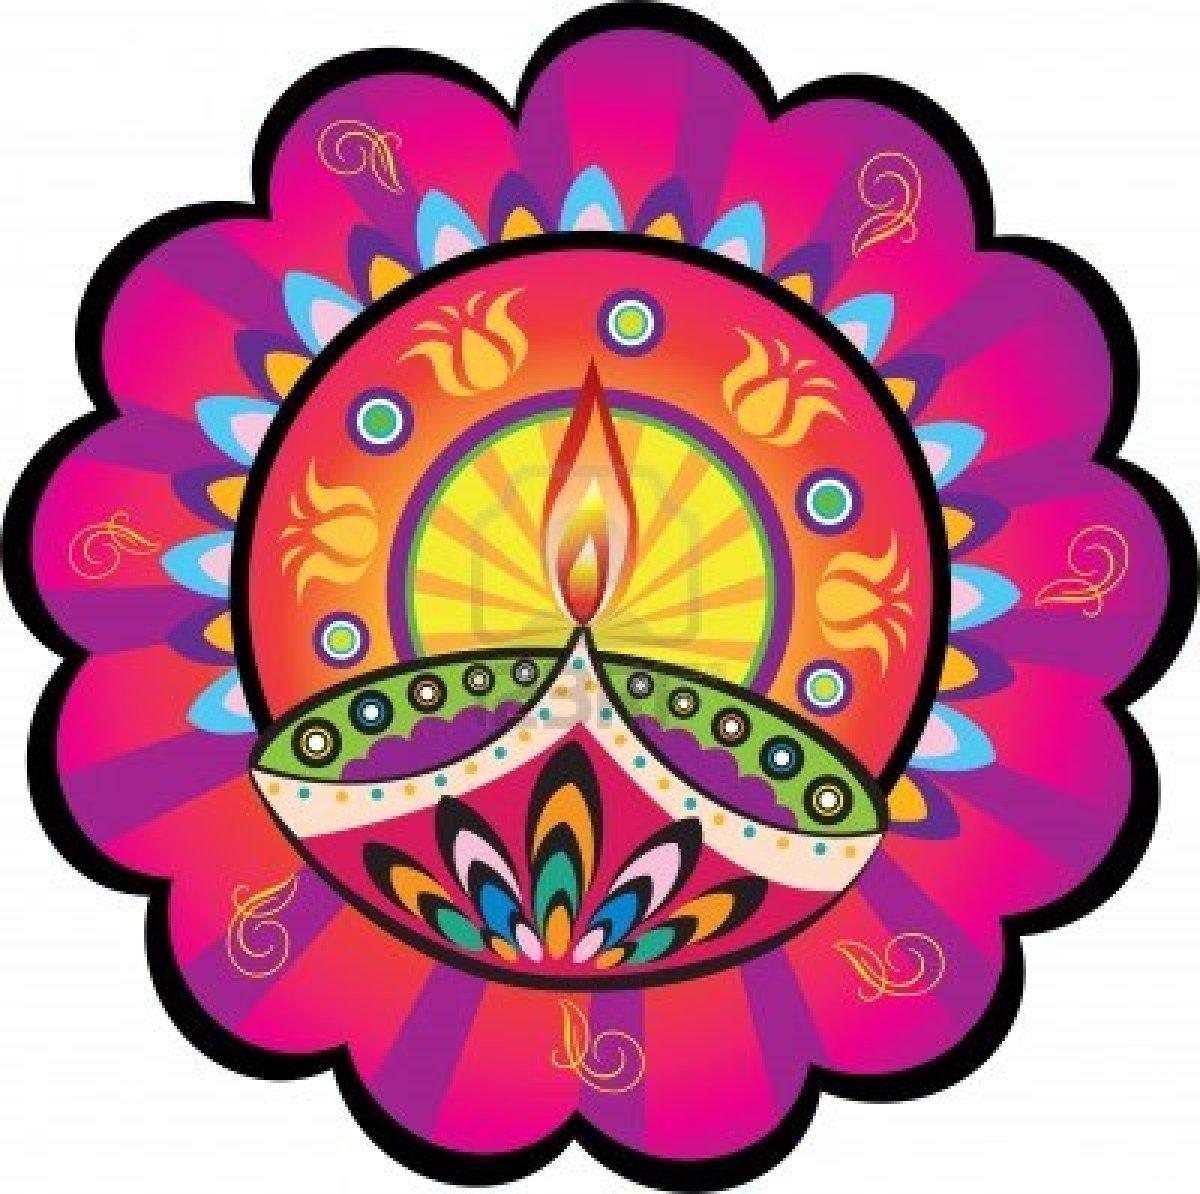 Traditional clipart diwali rangoli Mandana Diwali oil Diwali depicts